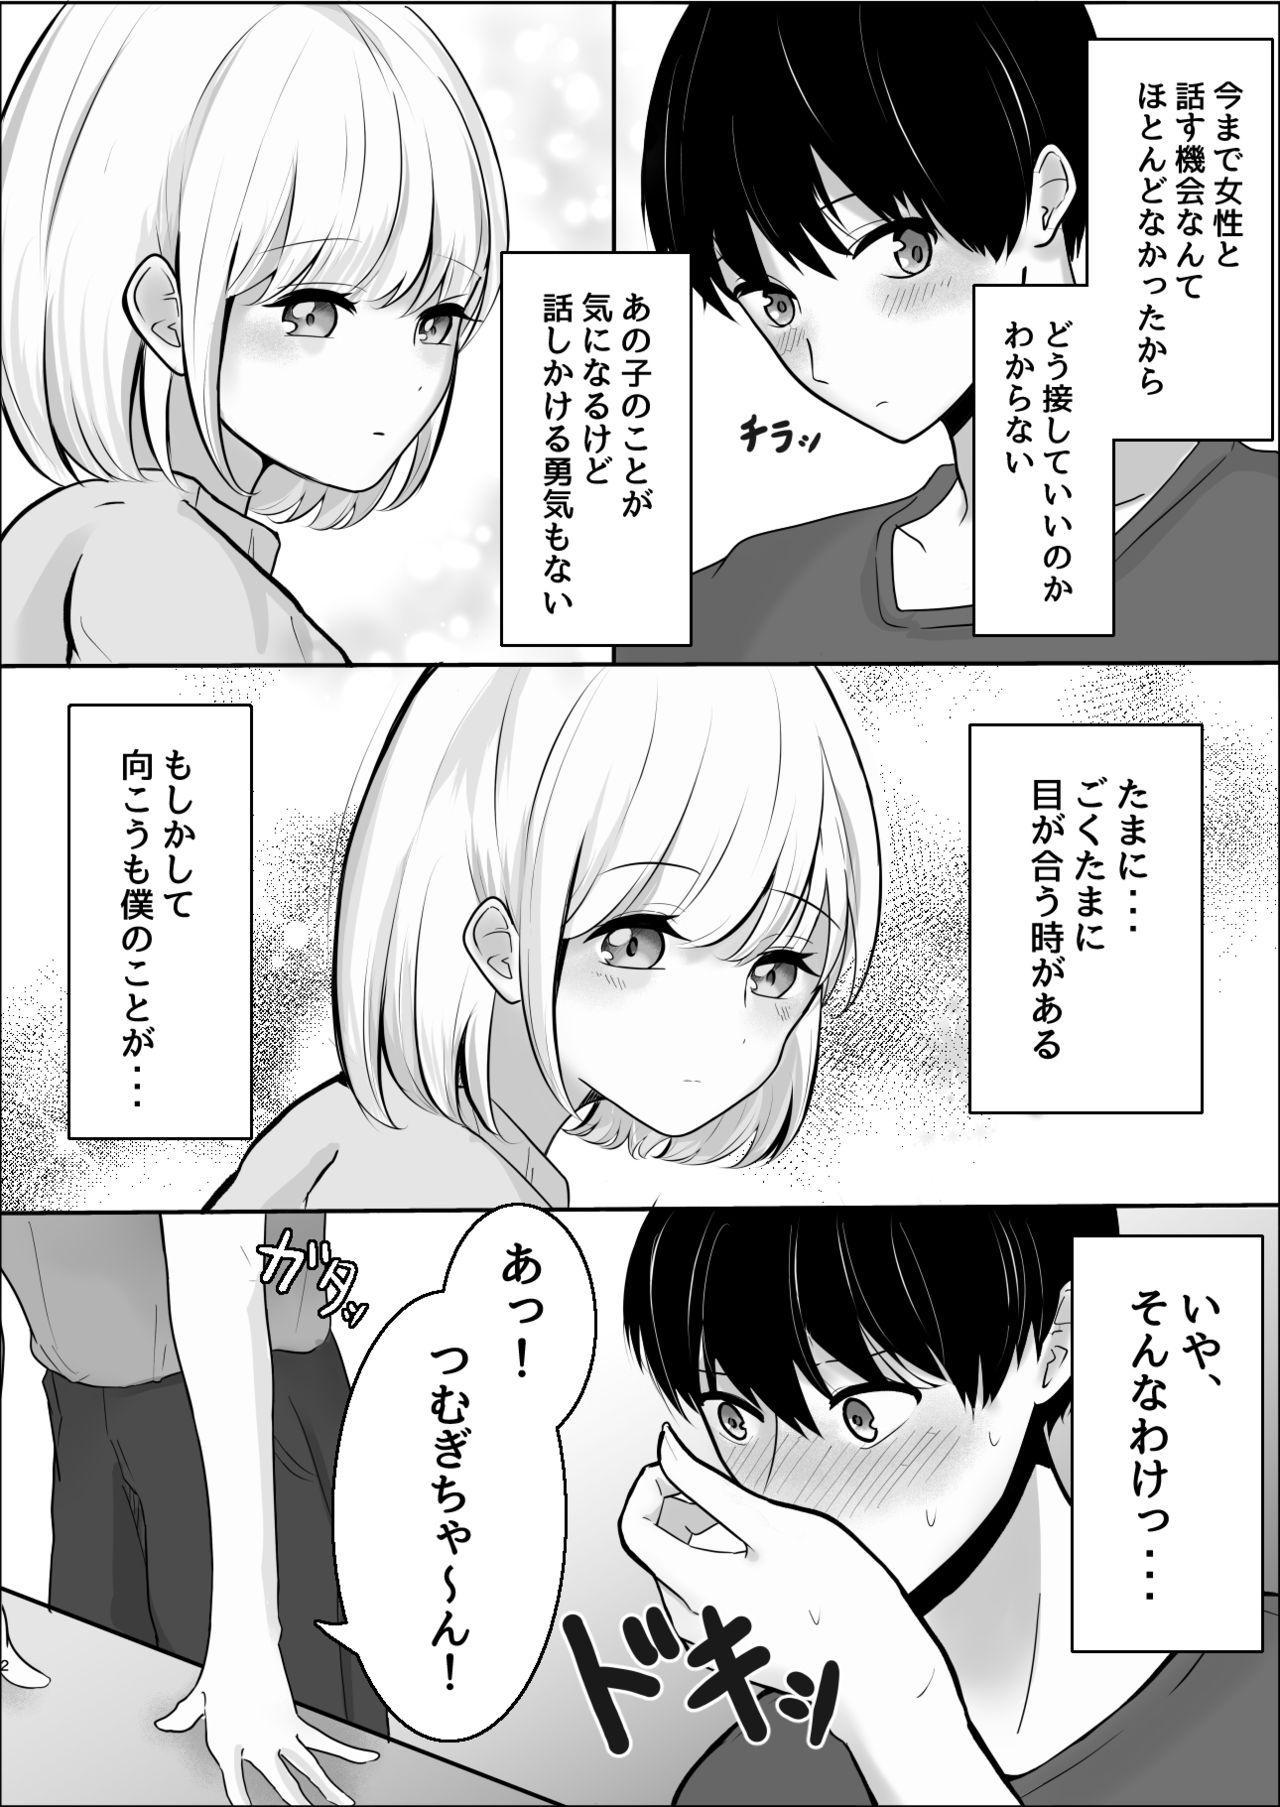 大人しい後輩に攻められイキ狂う話 2